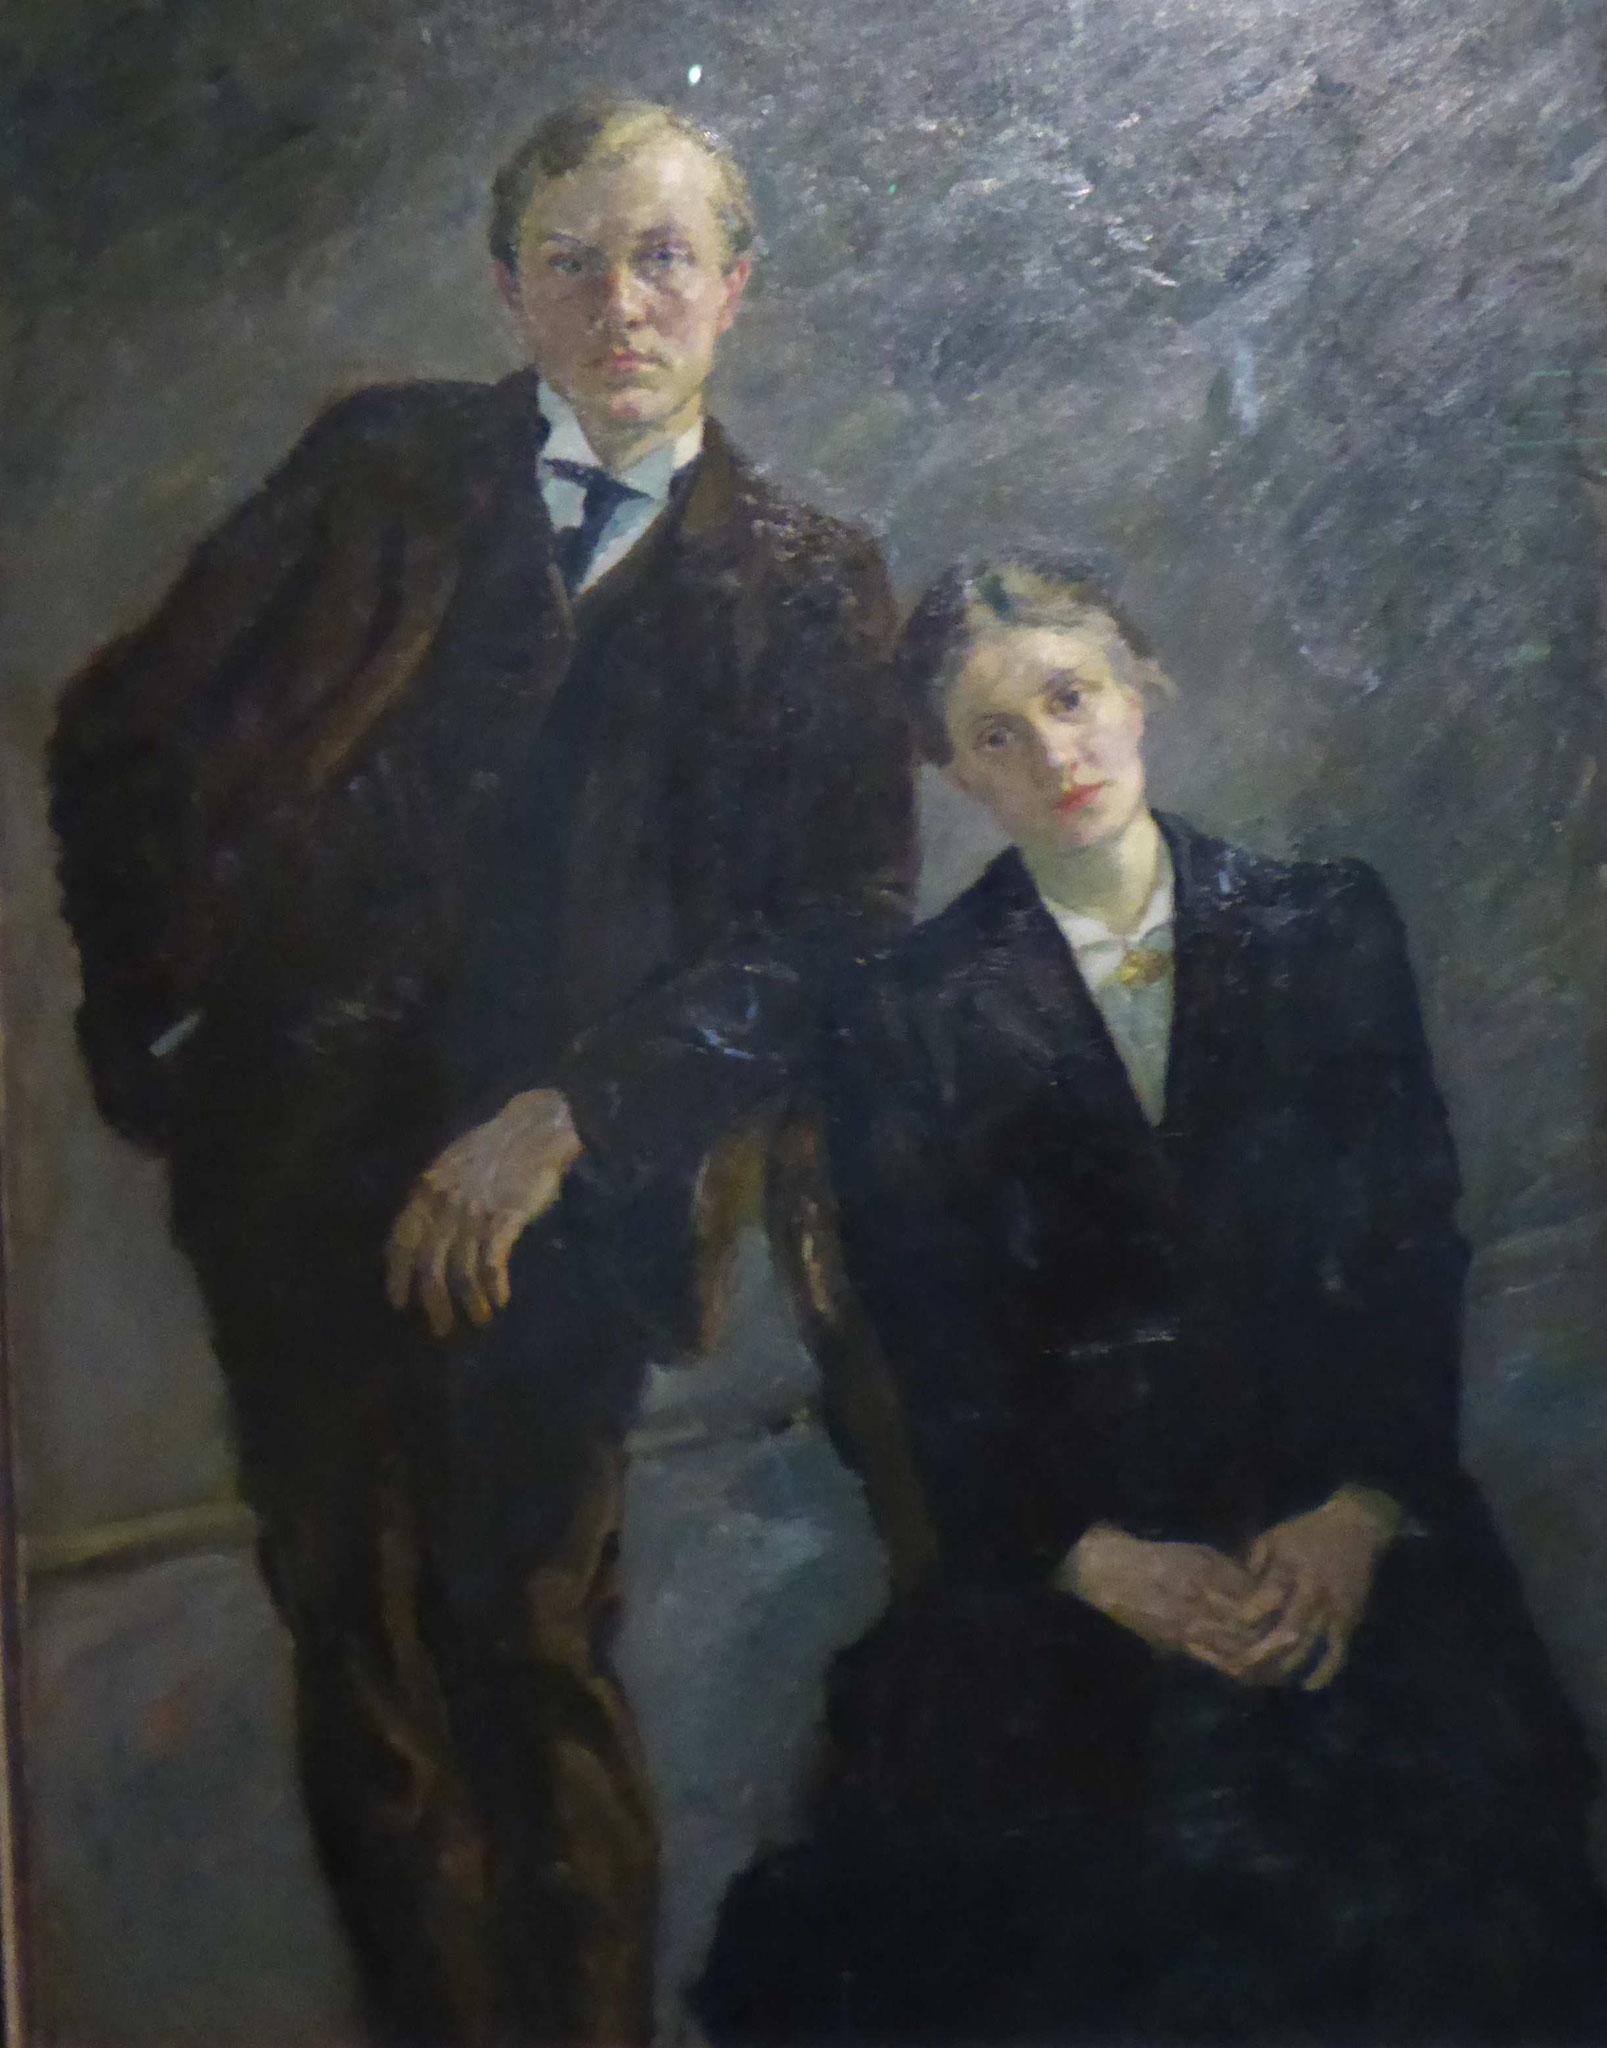 Max Beckmann, Doppelbildnis Max Beckmann und Minna Beckmann-Tube, 1909,  Museum Moritzburg, Halle